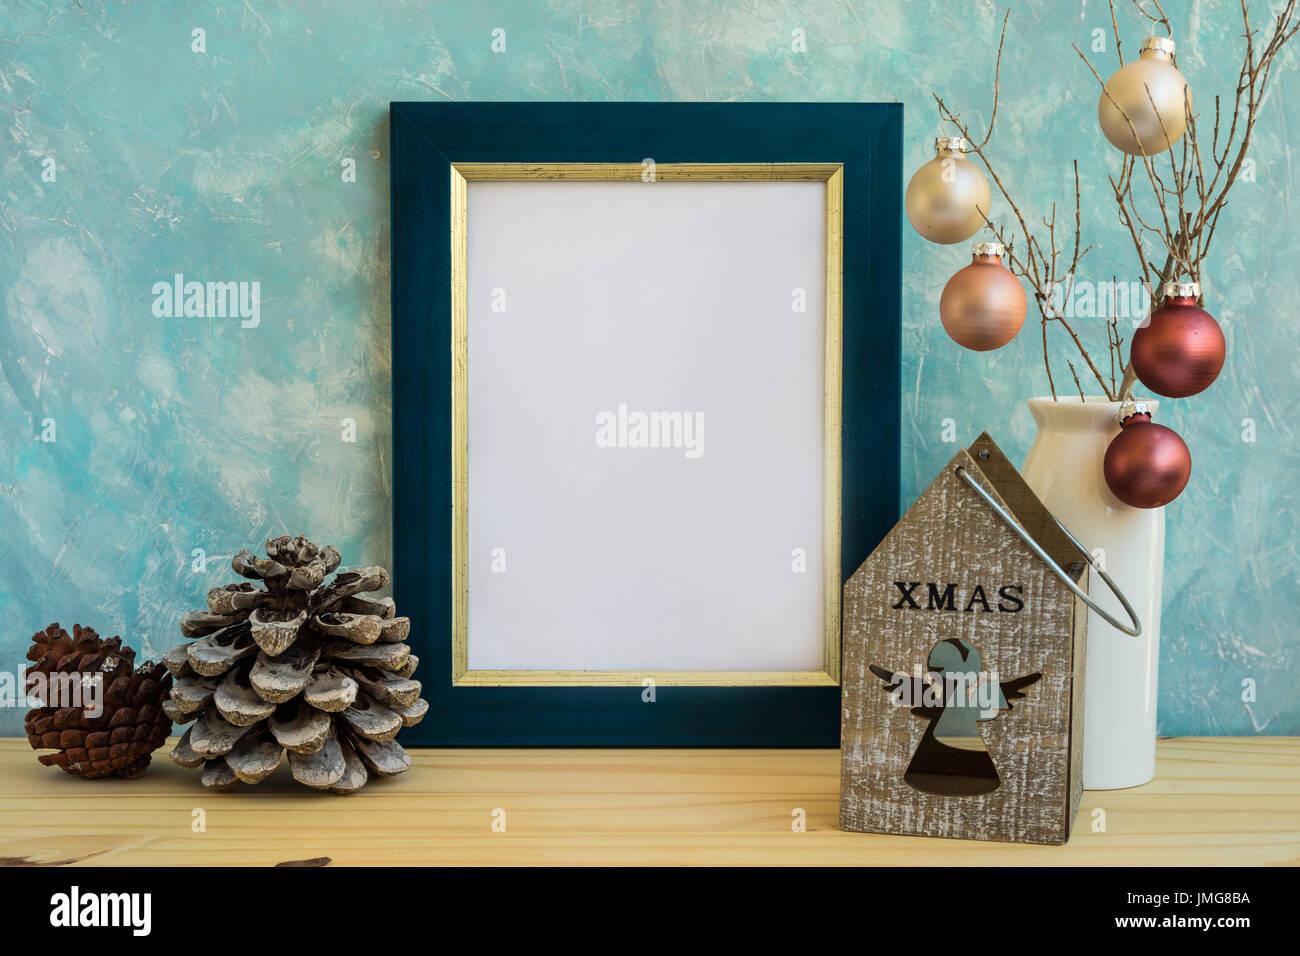 Blaue und goldene Rahmen mock-up, Weihnachten, Neujahr, Tannenzapfen ...